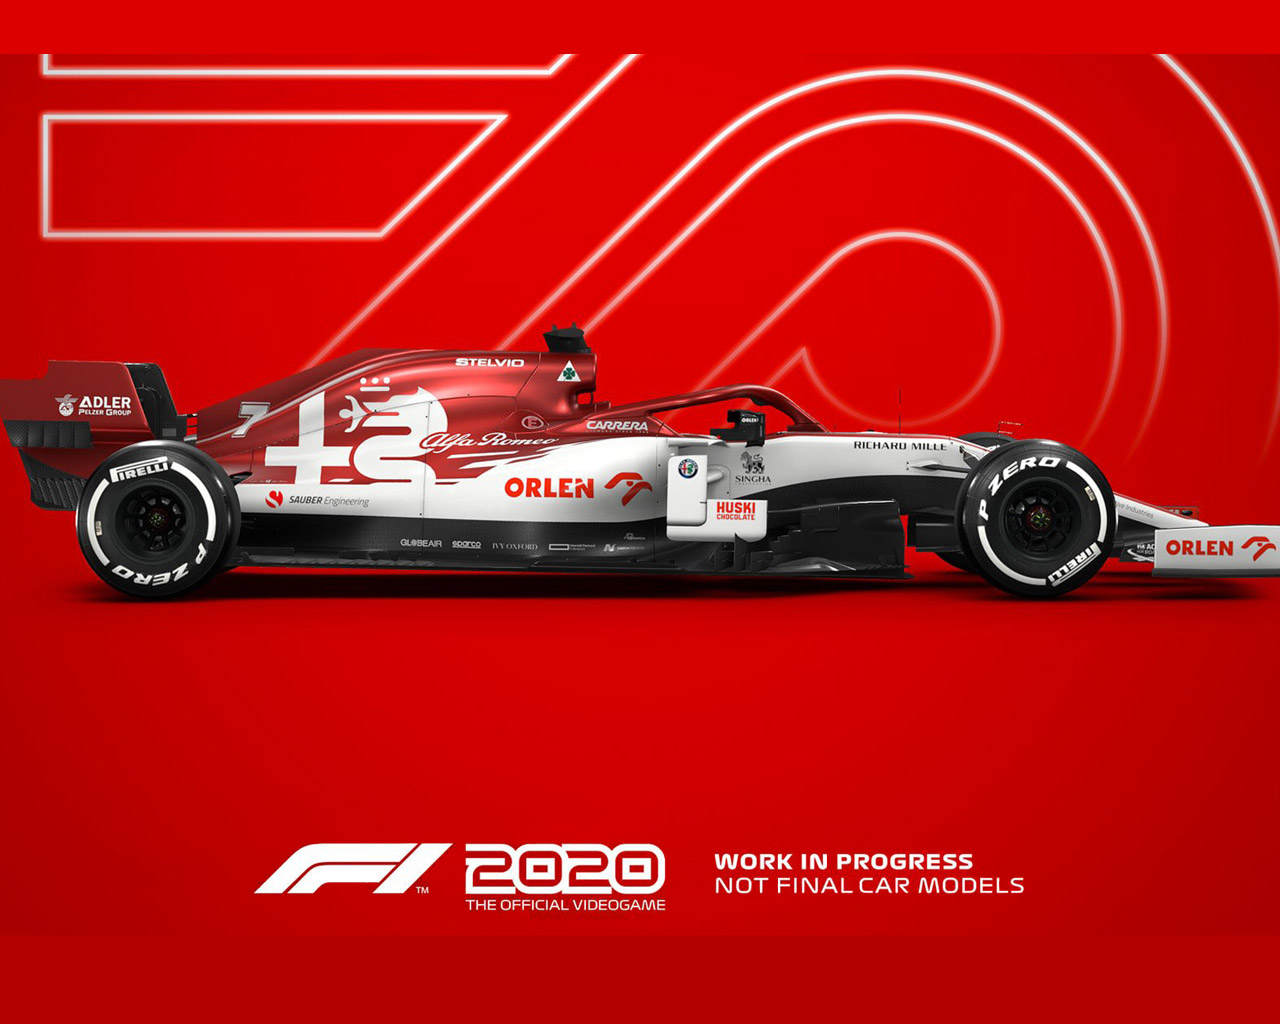 Free F1 2020 Wallpaper in 1280x1024